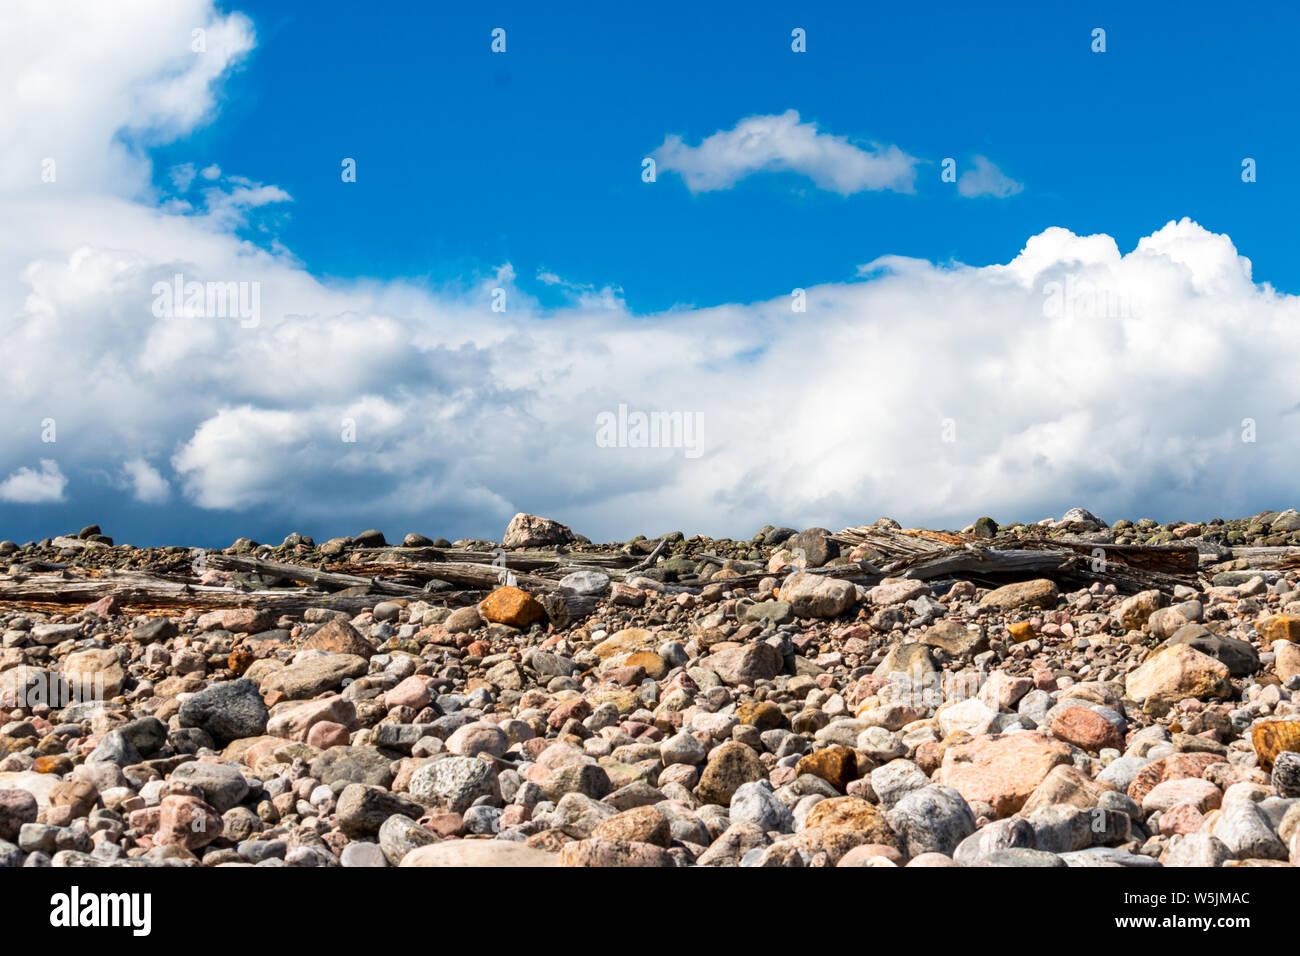 Bellissima costa al lato est della Svezia presso il golfo di Botnia sulla penisola di Hornslandet Foto Stock